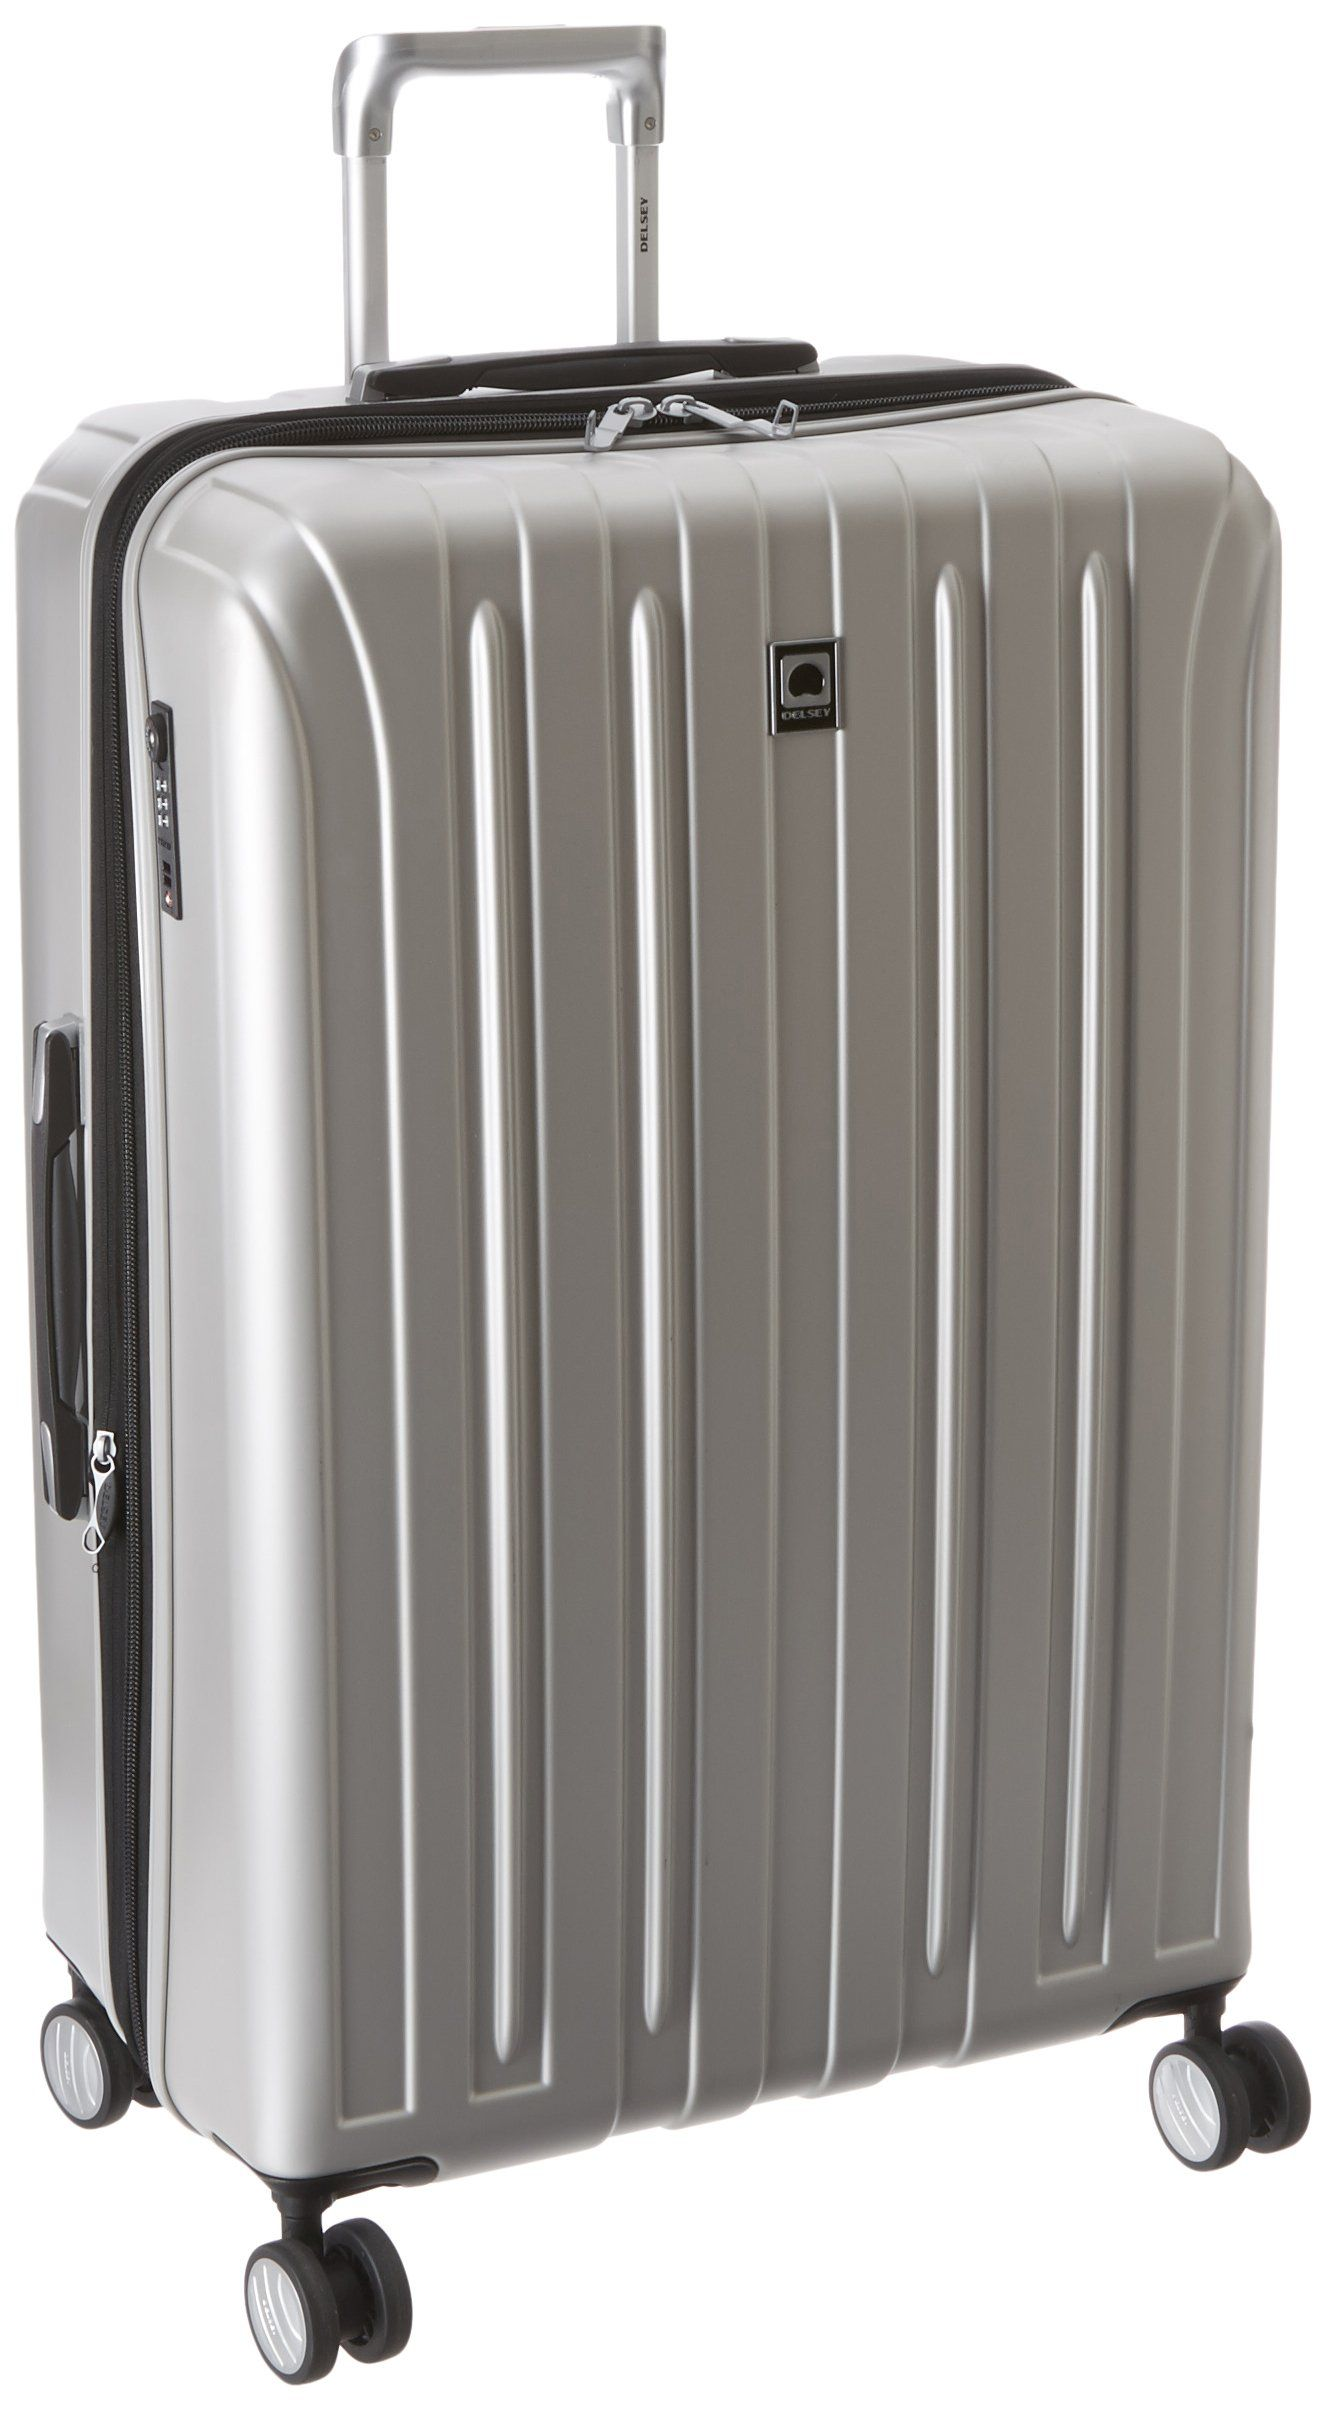 delsey luggage helium titanium  inch exp spinner trolley silver  - delsey luggage helium titanium  inch exp spinner trolley silver onesize modern